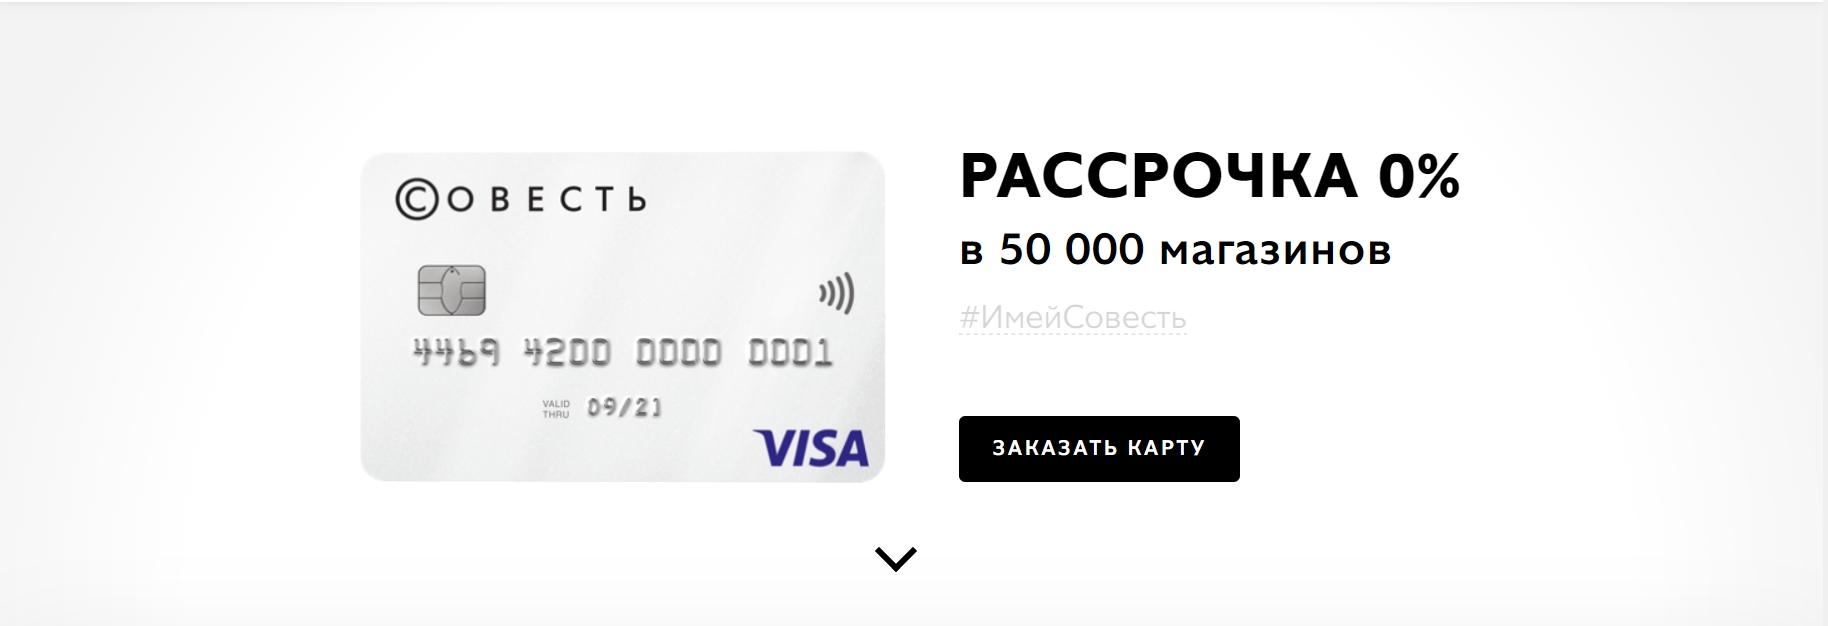 Возьму в долг под проценты у частного лица в москве под расписку срочно